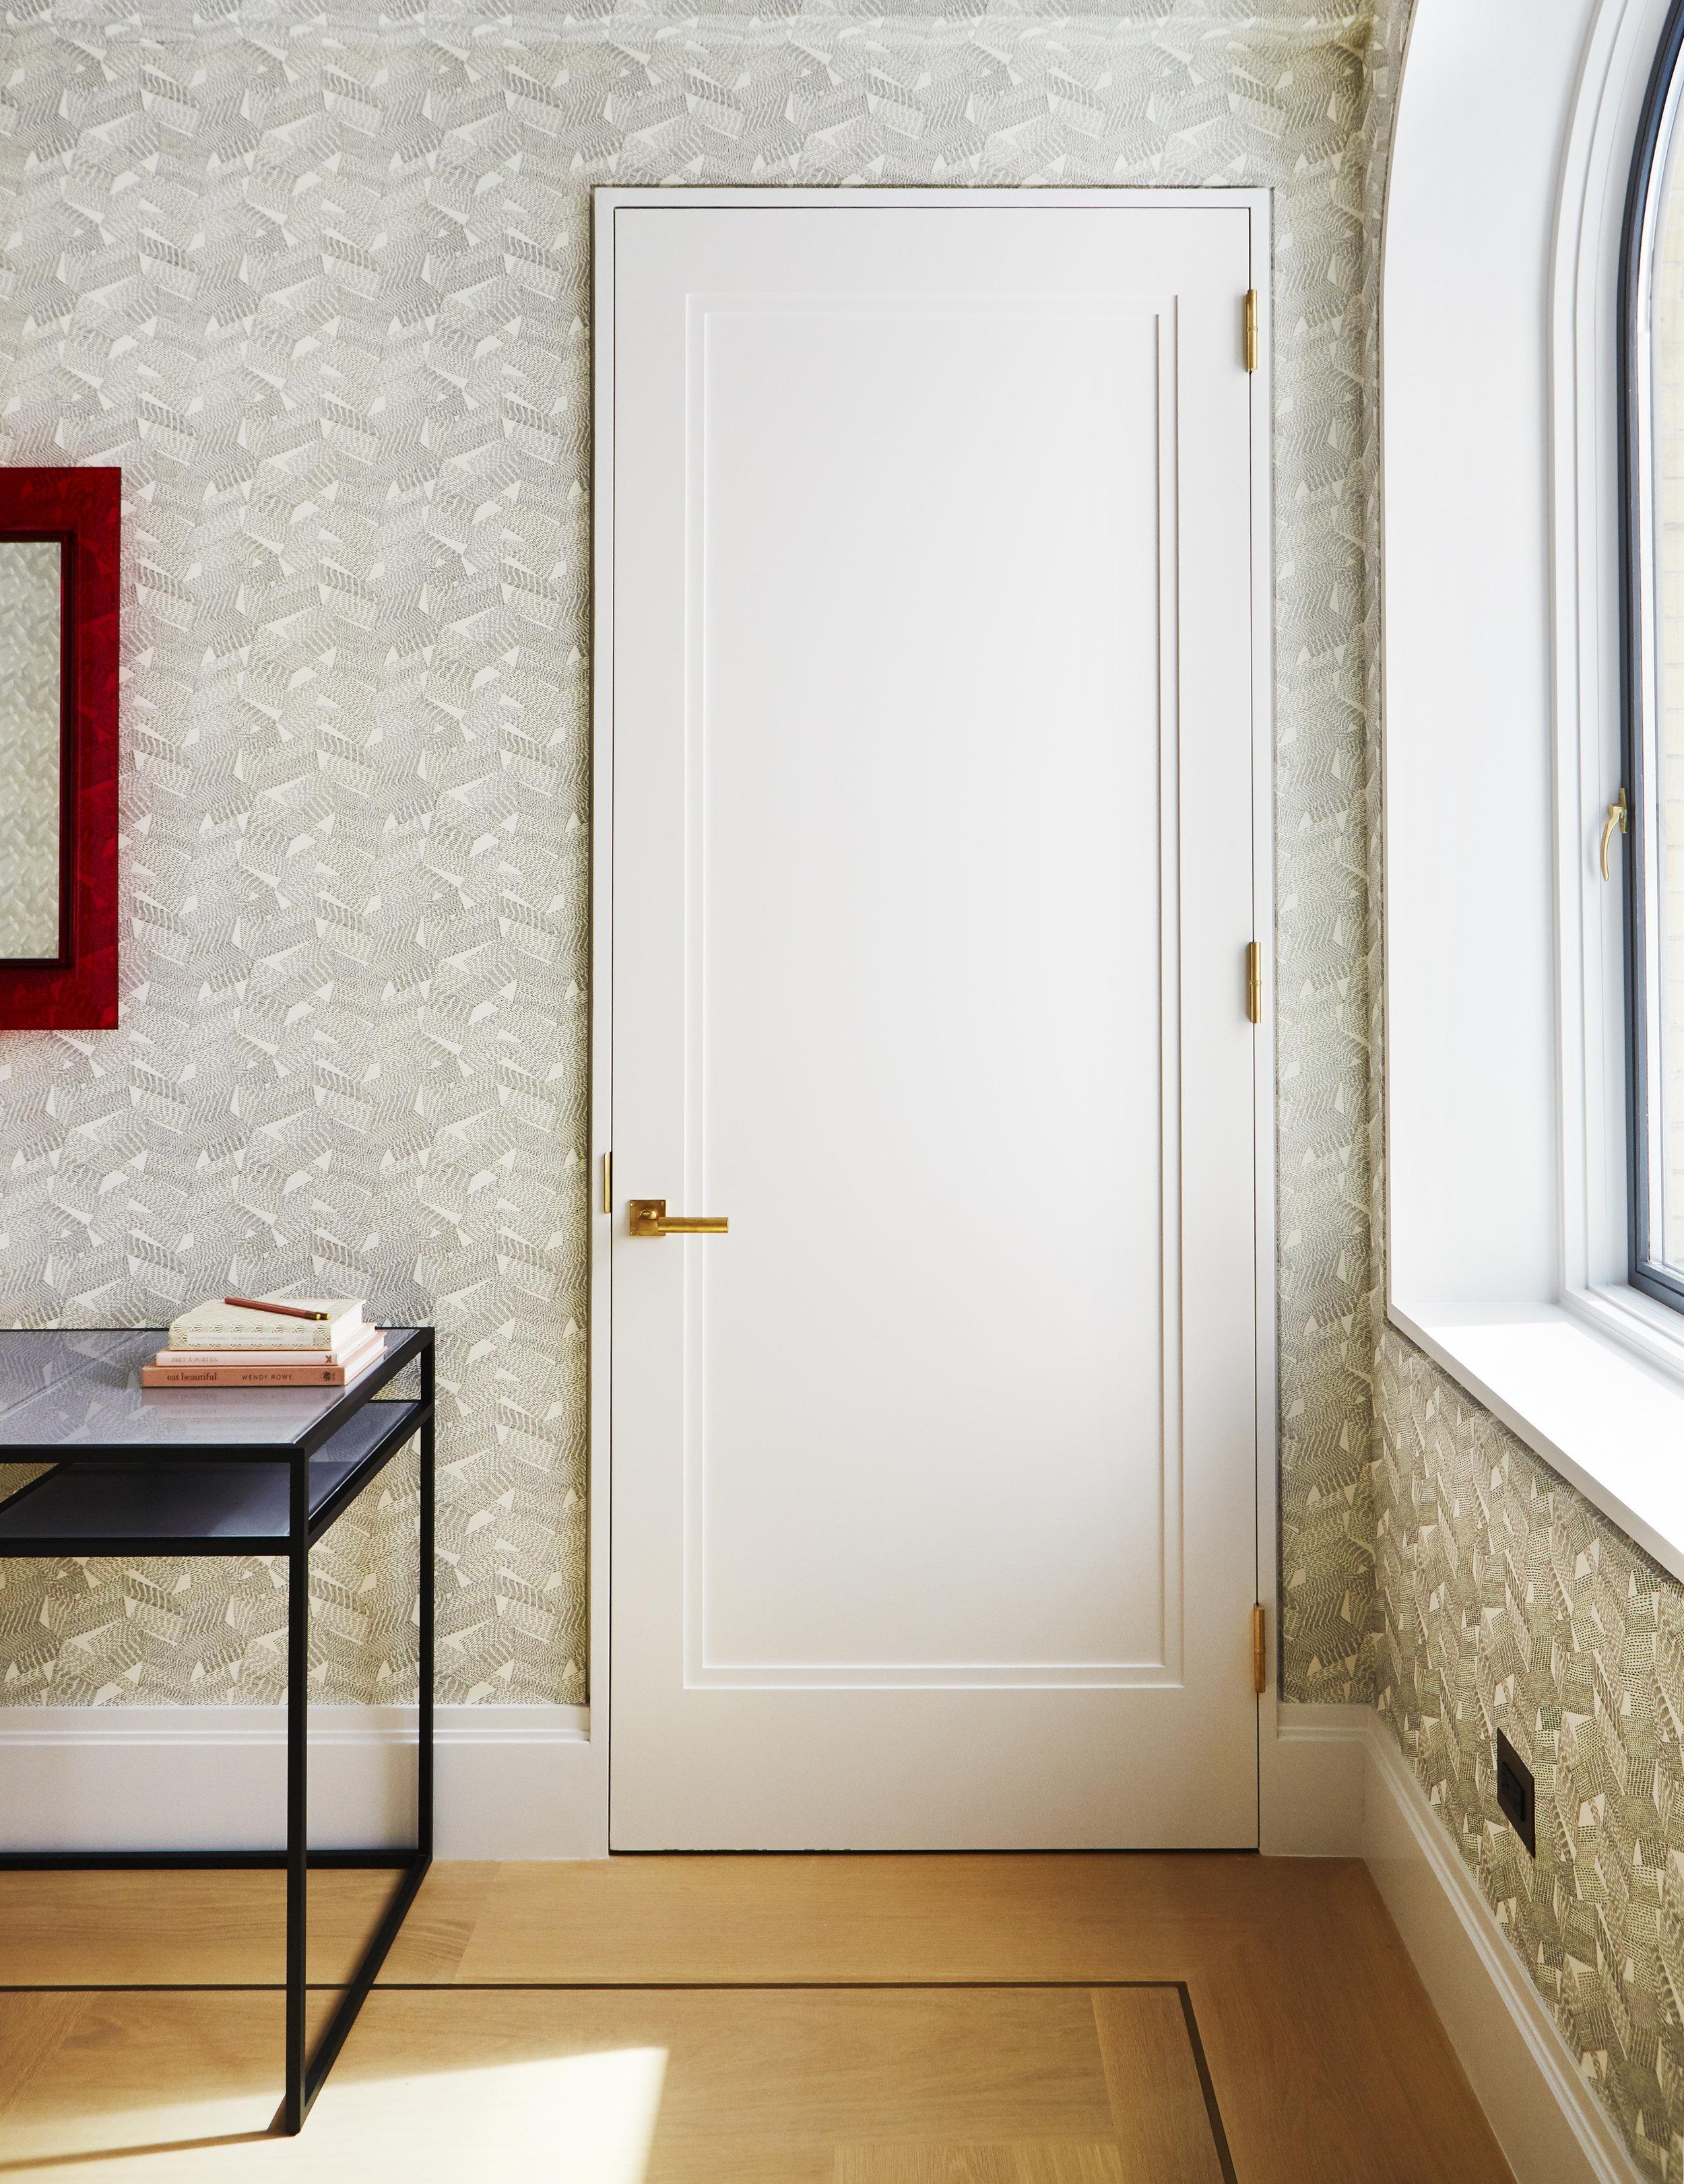 bedroom3 door detail.jpg